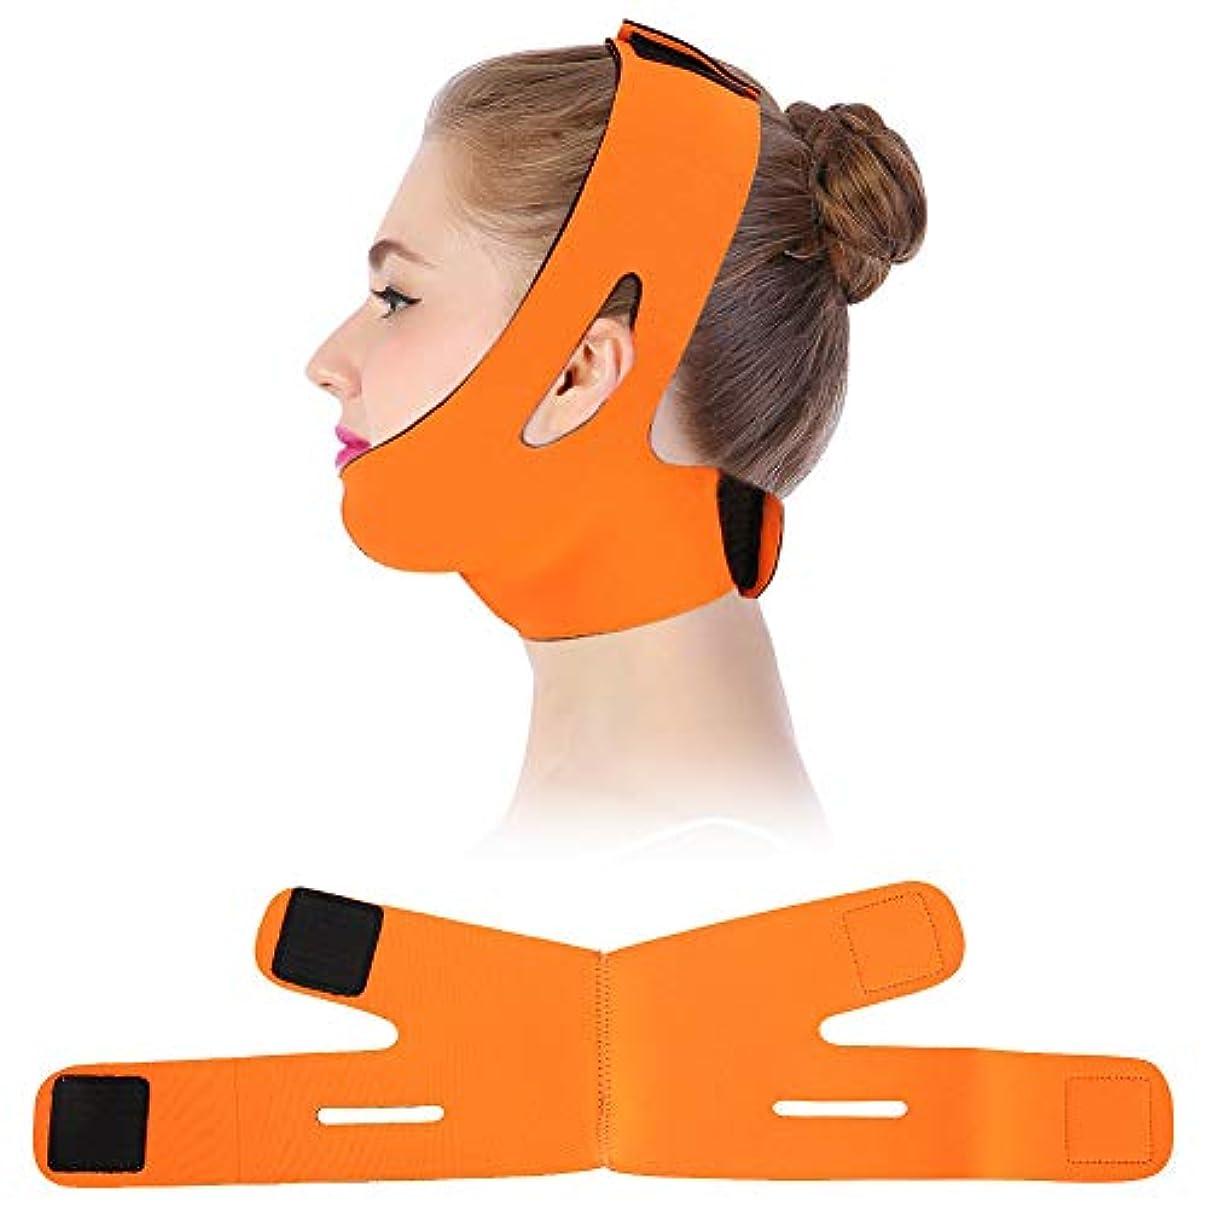 高揚した状代わってフェイスリフティングベルト,顔の痩身包帯フェイシャルスリミング包帯ベルトマスクフェイスリフトダブルチンスキンストラップ (Orange)